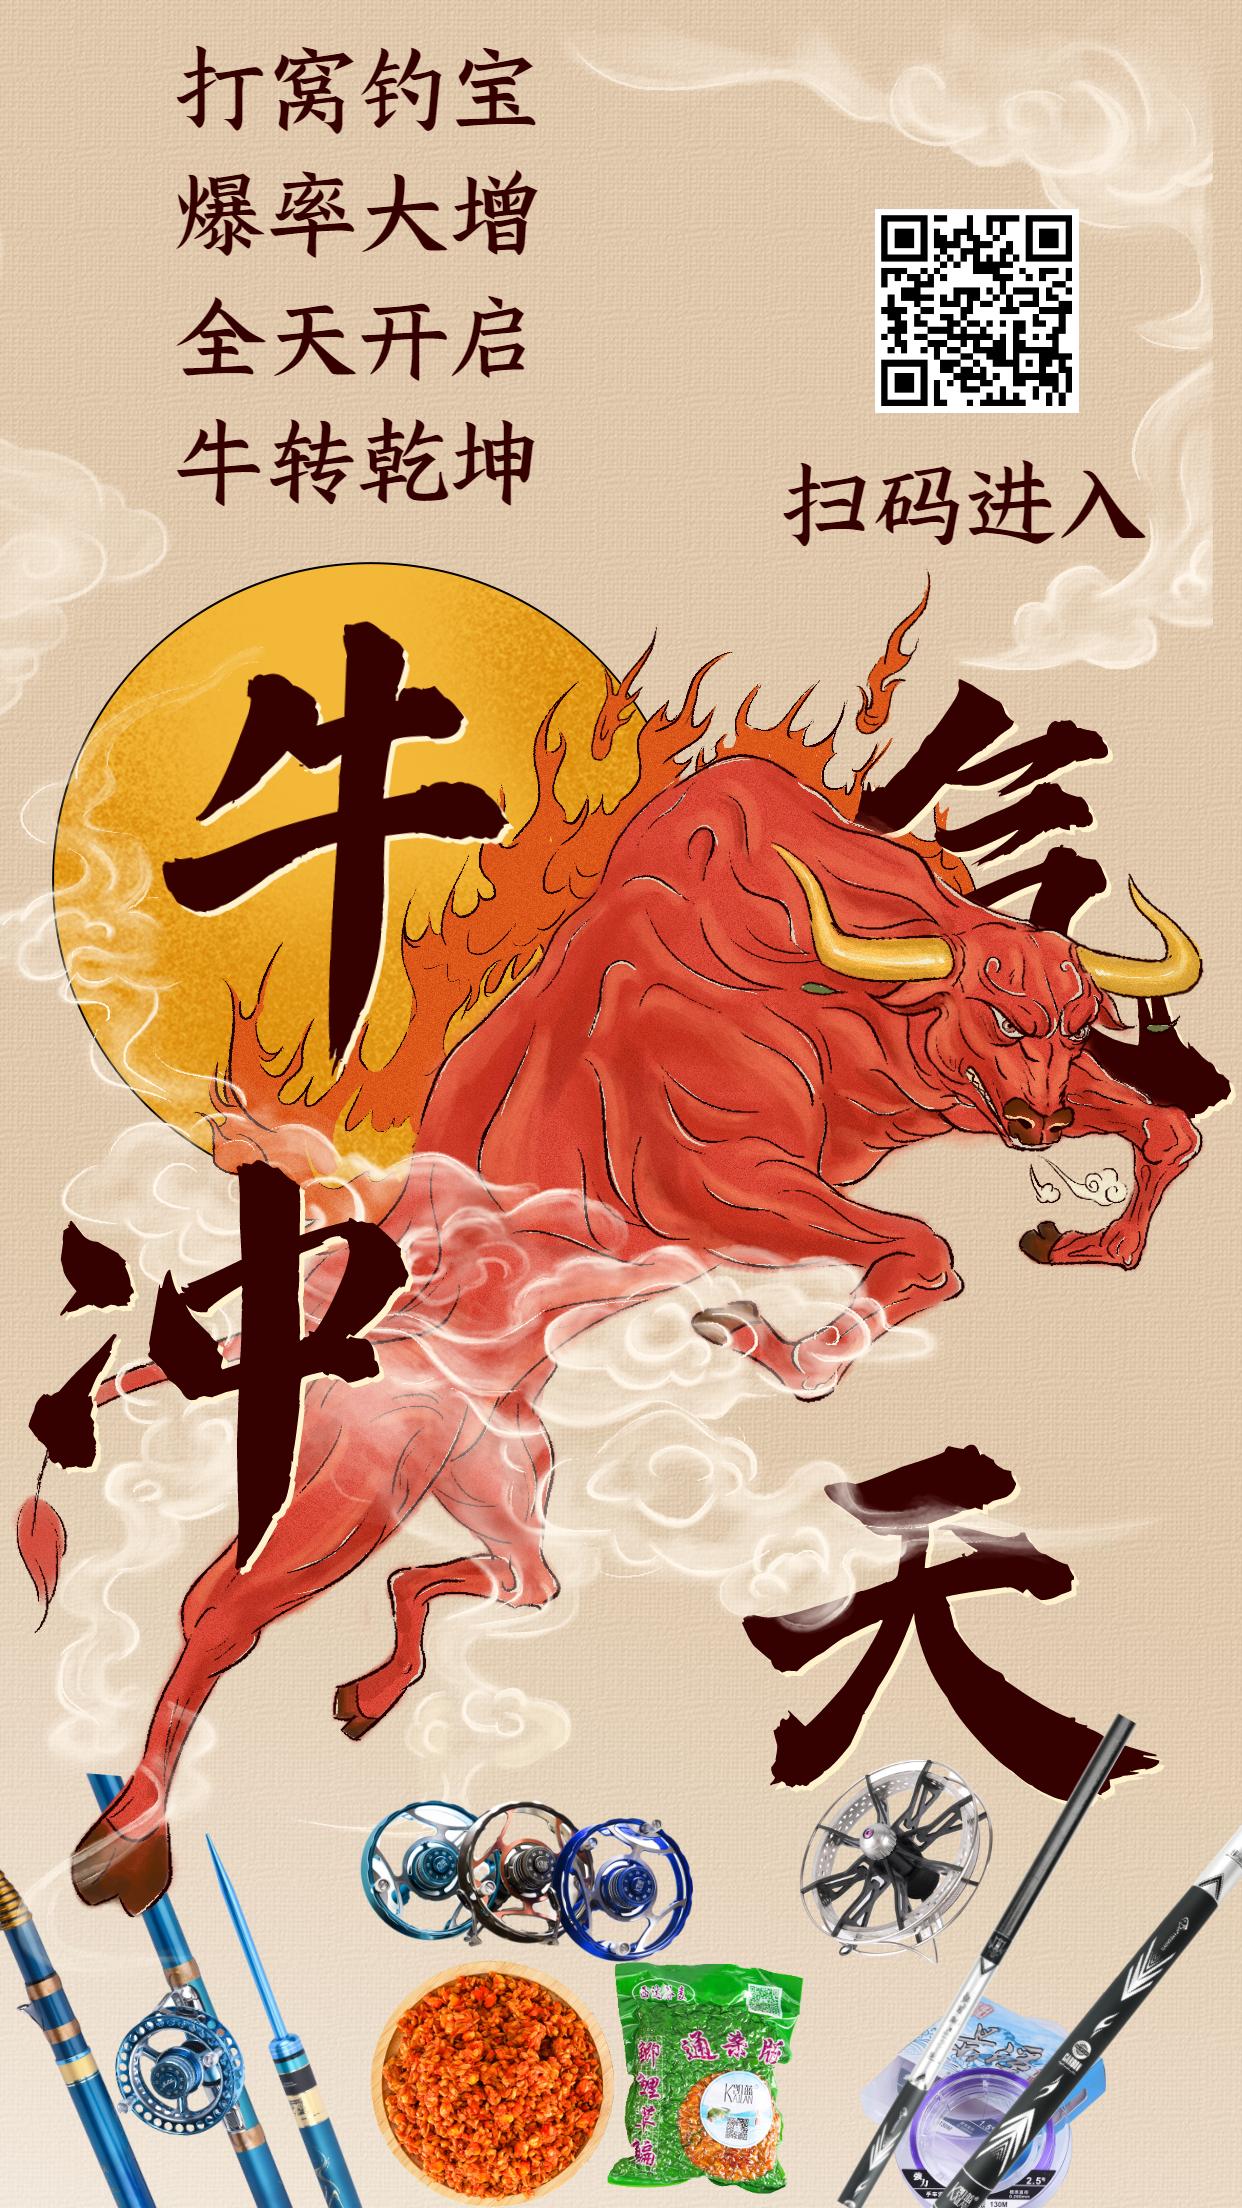 春节新年牛年牛气冲天祝福手机海报 (1).jpg